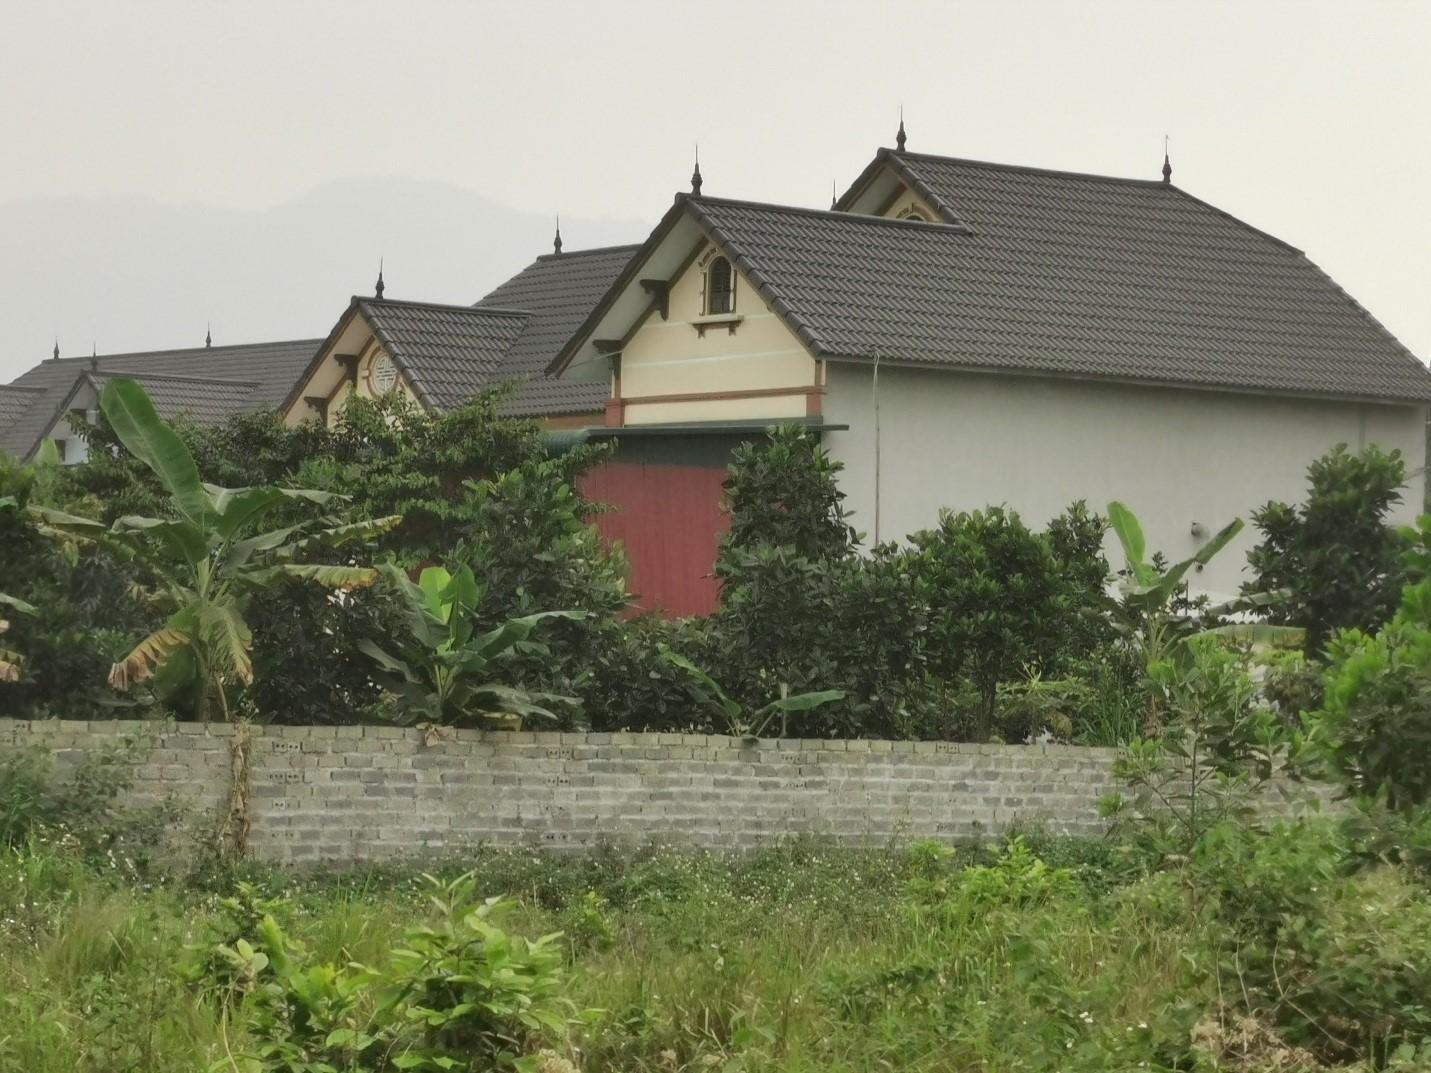 Ba Vì (Hà Nội): Hàng chục công trình khủng xây trái phép trên đồi Hoàng Long - Ảnh 2